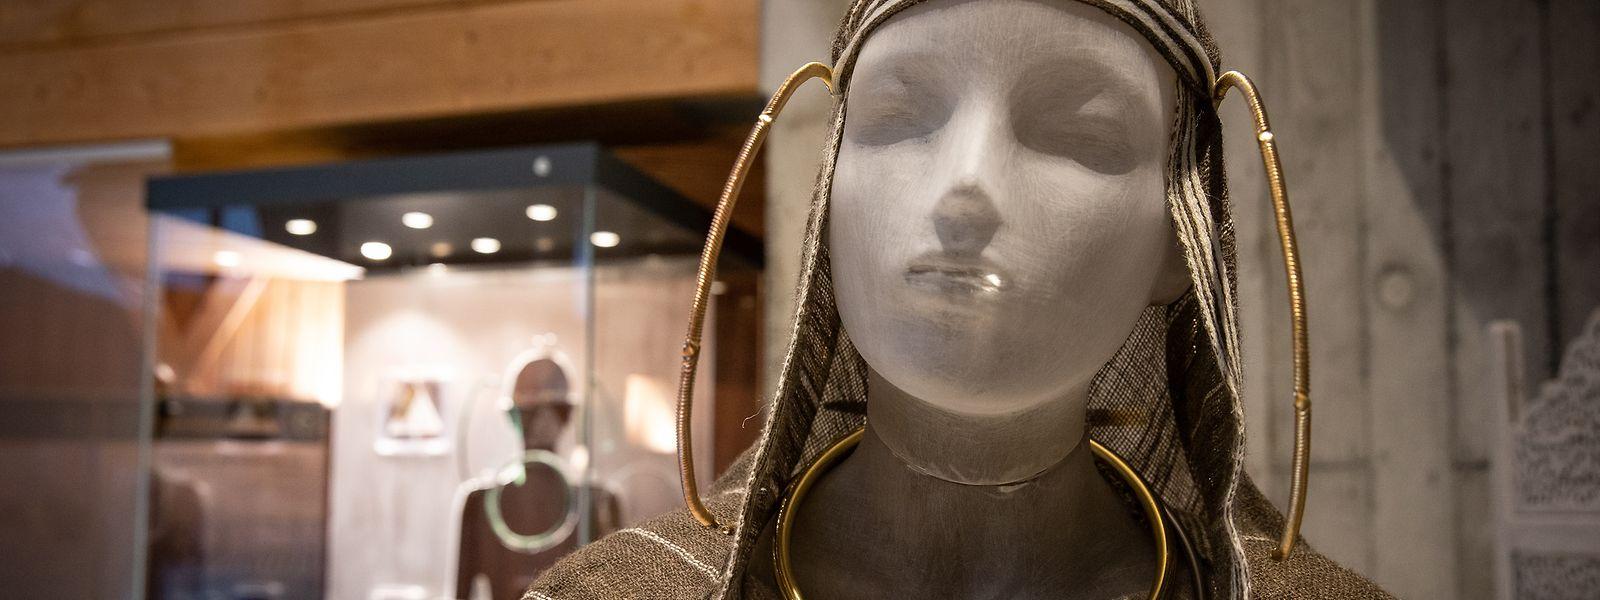 Nachbildungen der Schmuckstücke an einer Puppe geben eine Eindruck der keltischen Adligen.